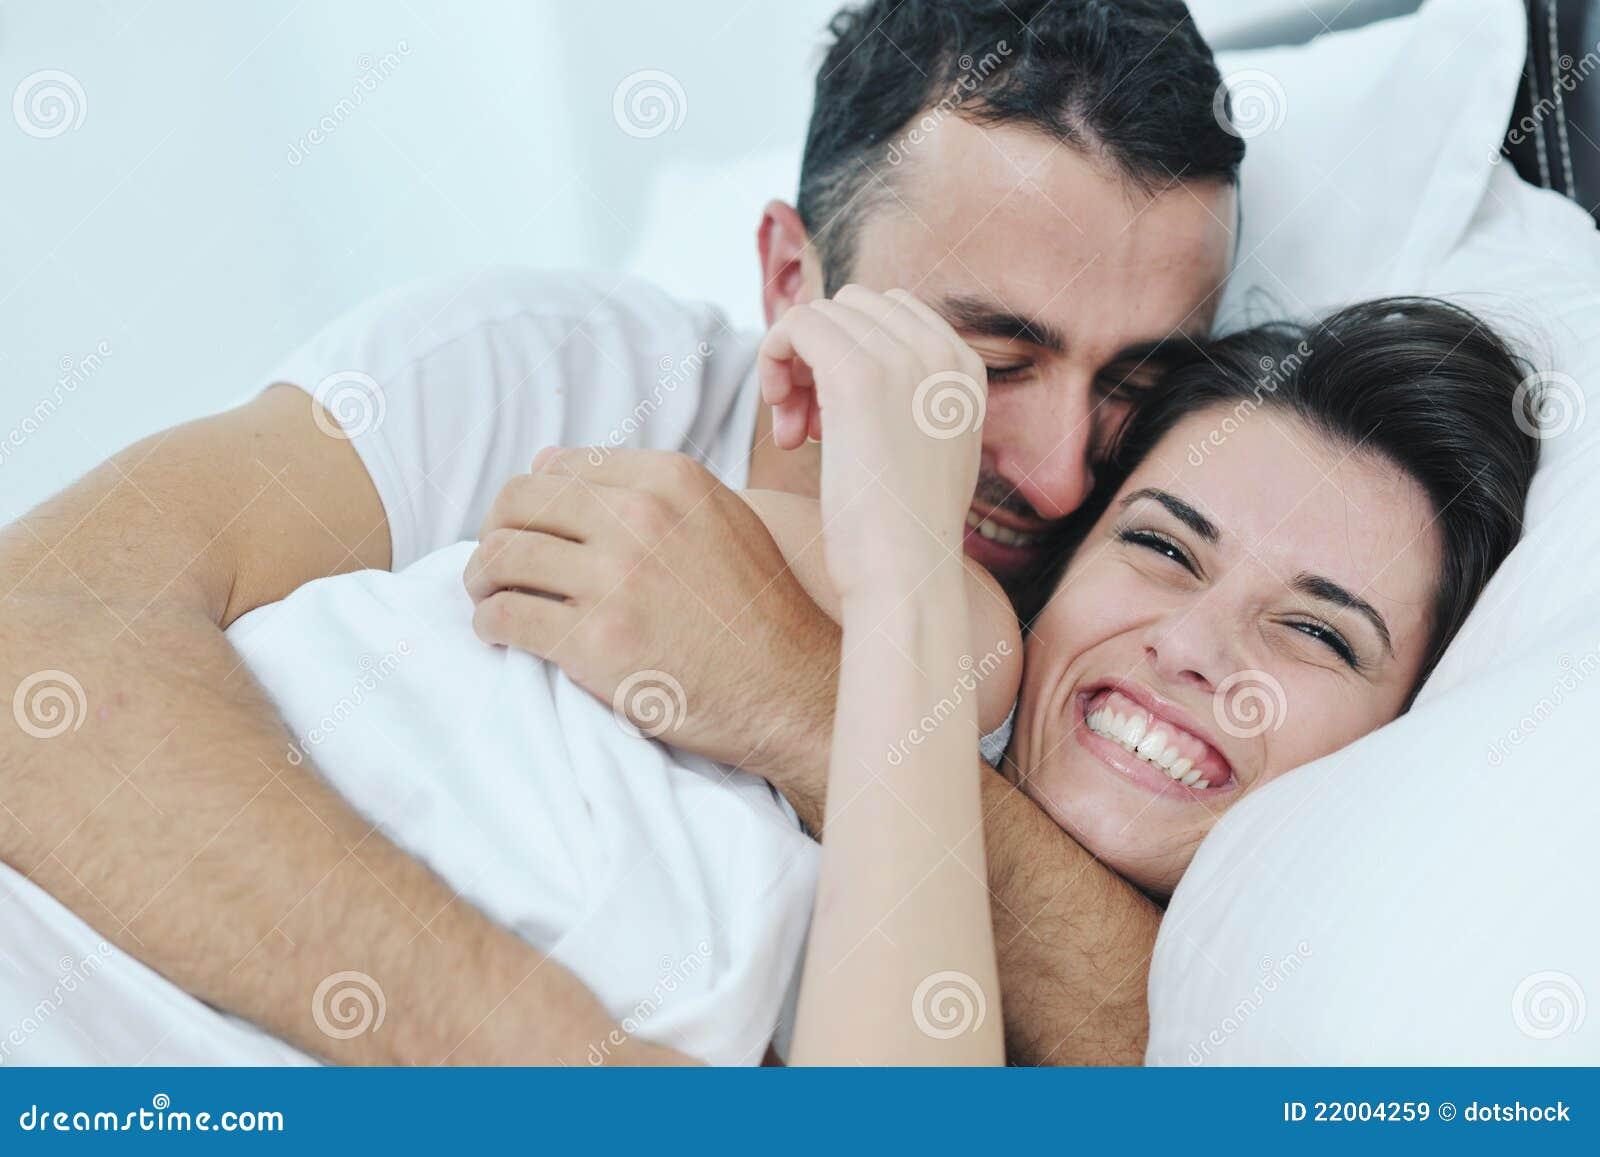 Amateur couple has good sex amateur paar hat guten sex 9